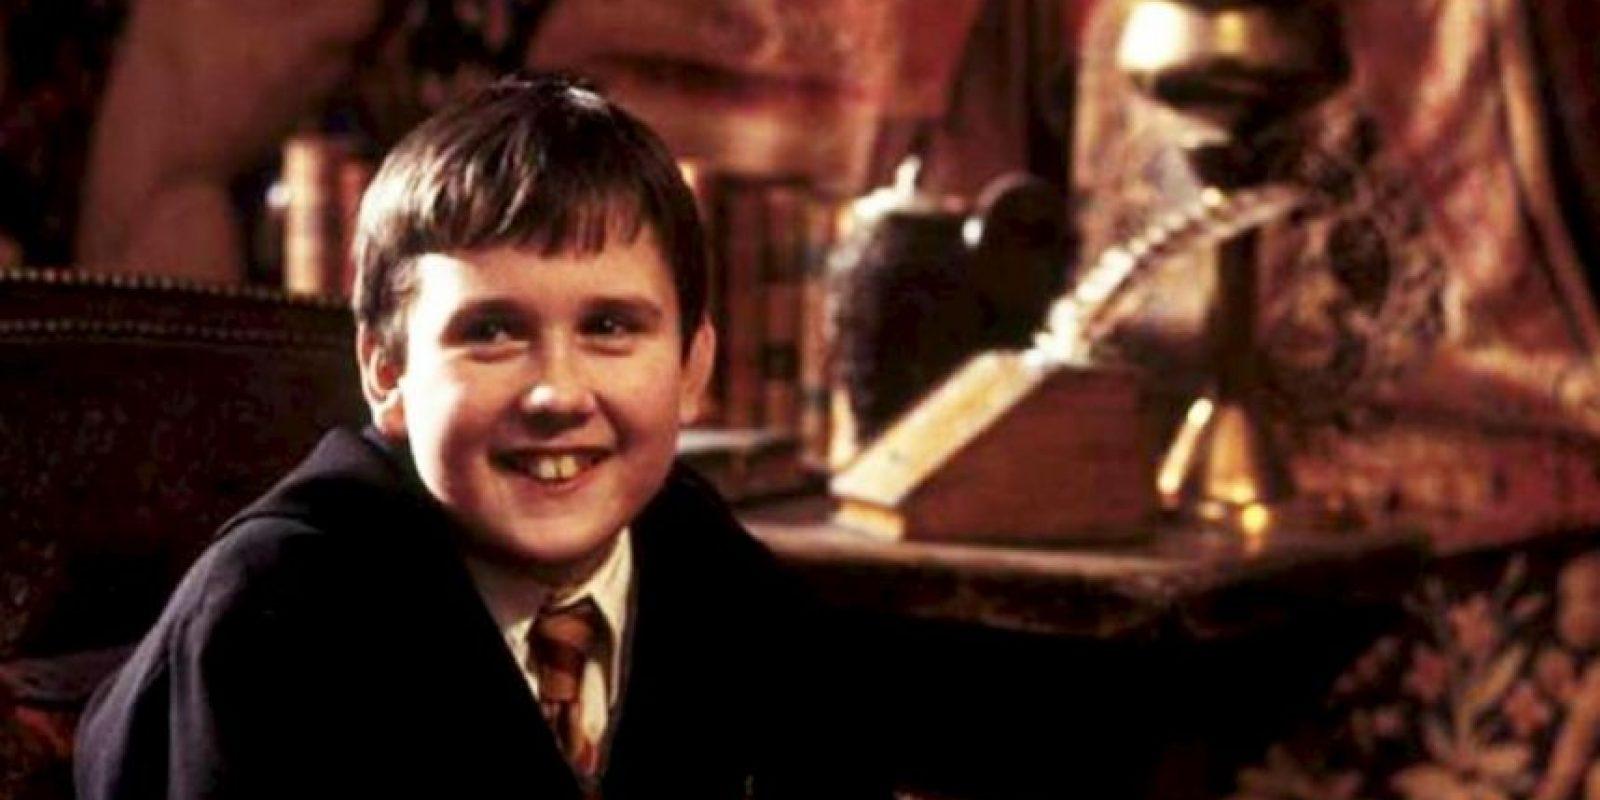 """El actor que saltó a la fama por su personaje en """"Harry Potter"""" se prepara para la cinta """"Me Before You"""" Foto:vía facebook.com/harrypottermovies"""